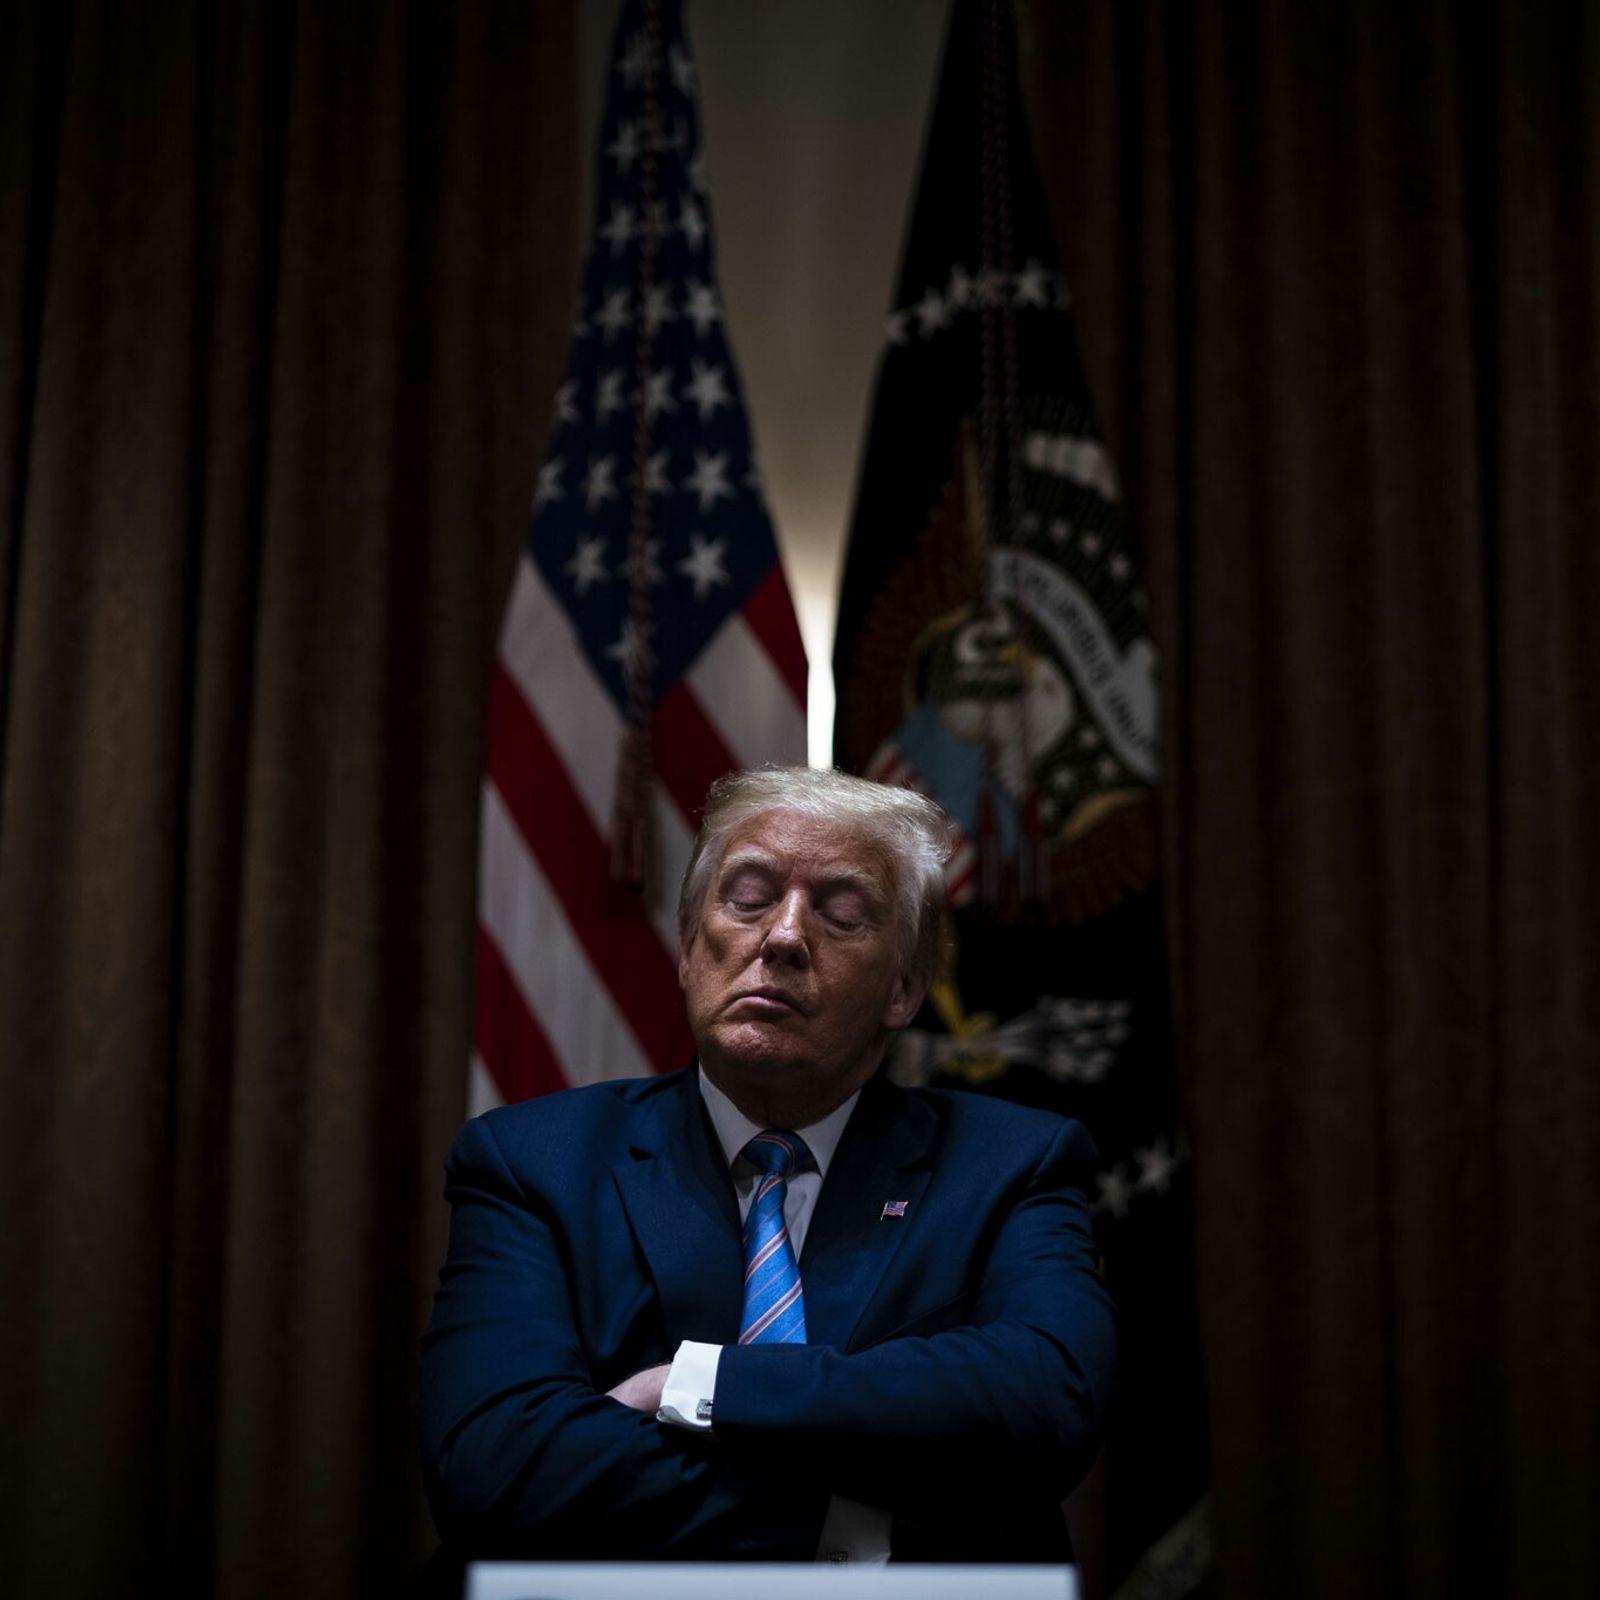 O presidente dos EUA, Donald Trump, durante uma reunião em Washington D.C., em junho de 2020. ...